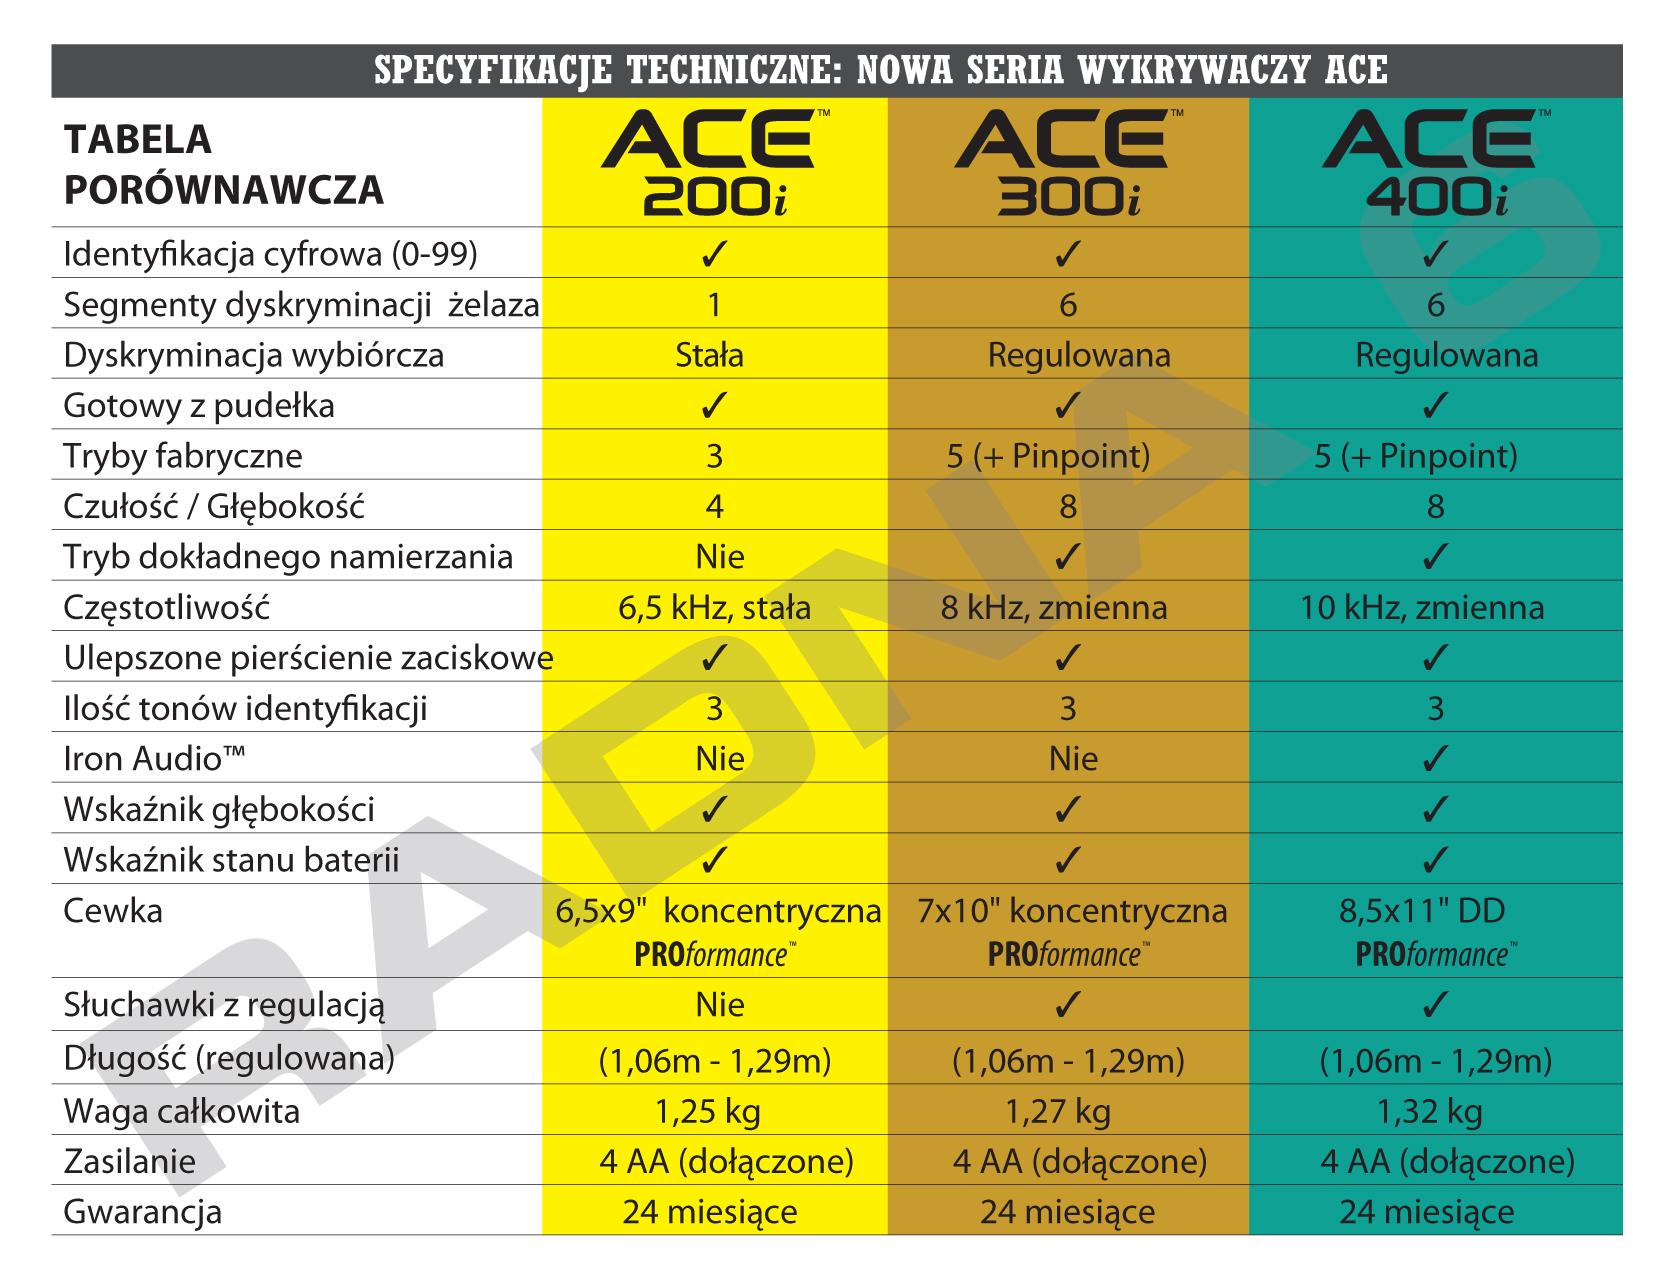 Wykrywacze metali ACE - tabela porównawcza